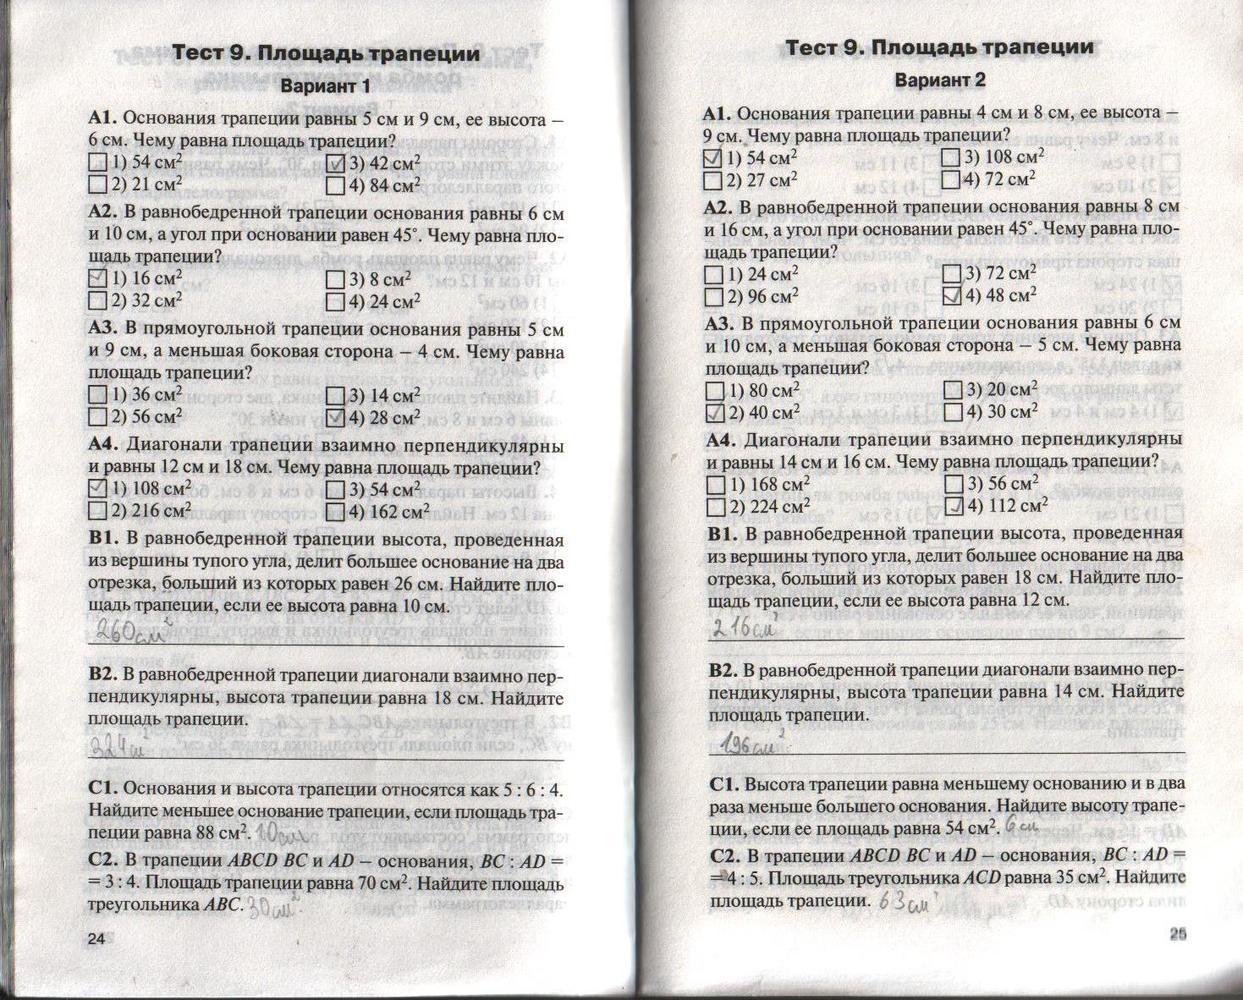 ГДЗ по геометрии класс Гаврилова контрольно измерительные   24 25